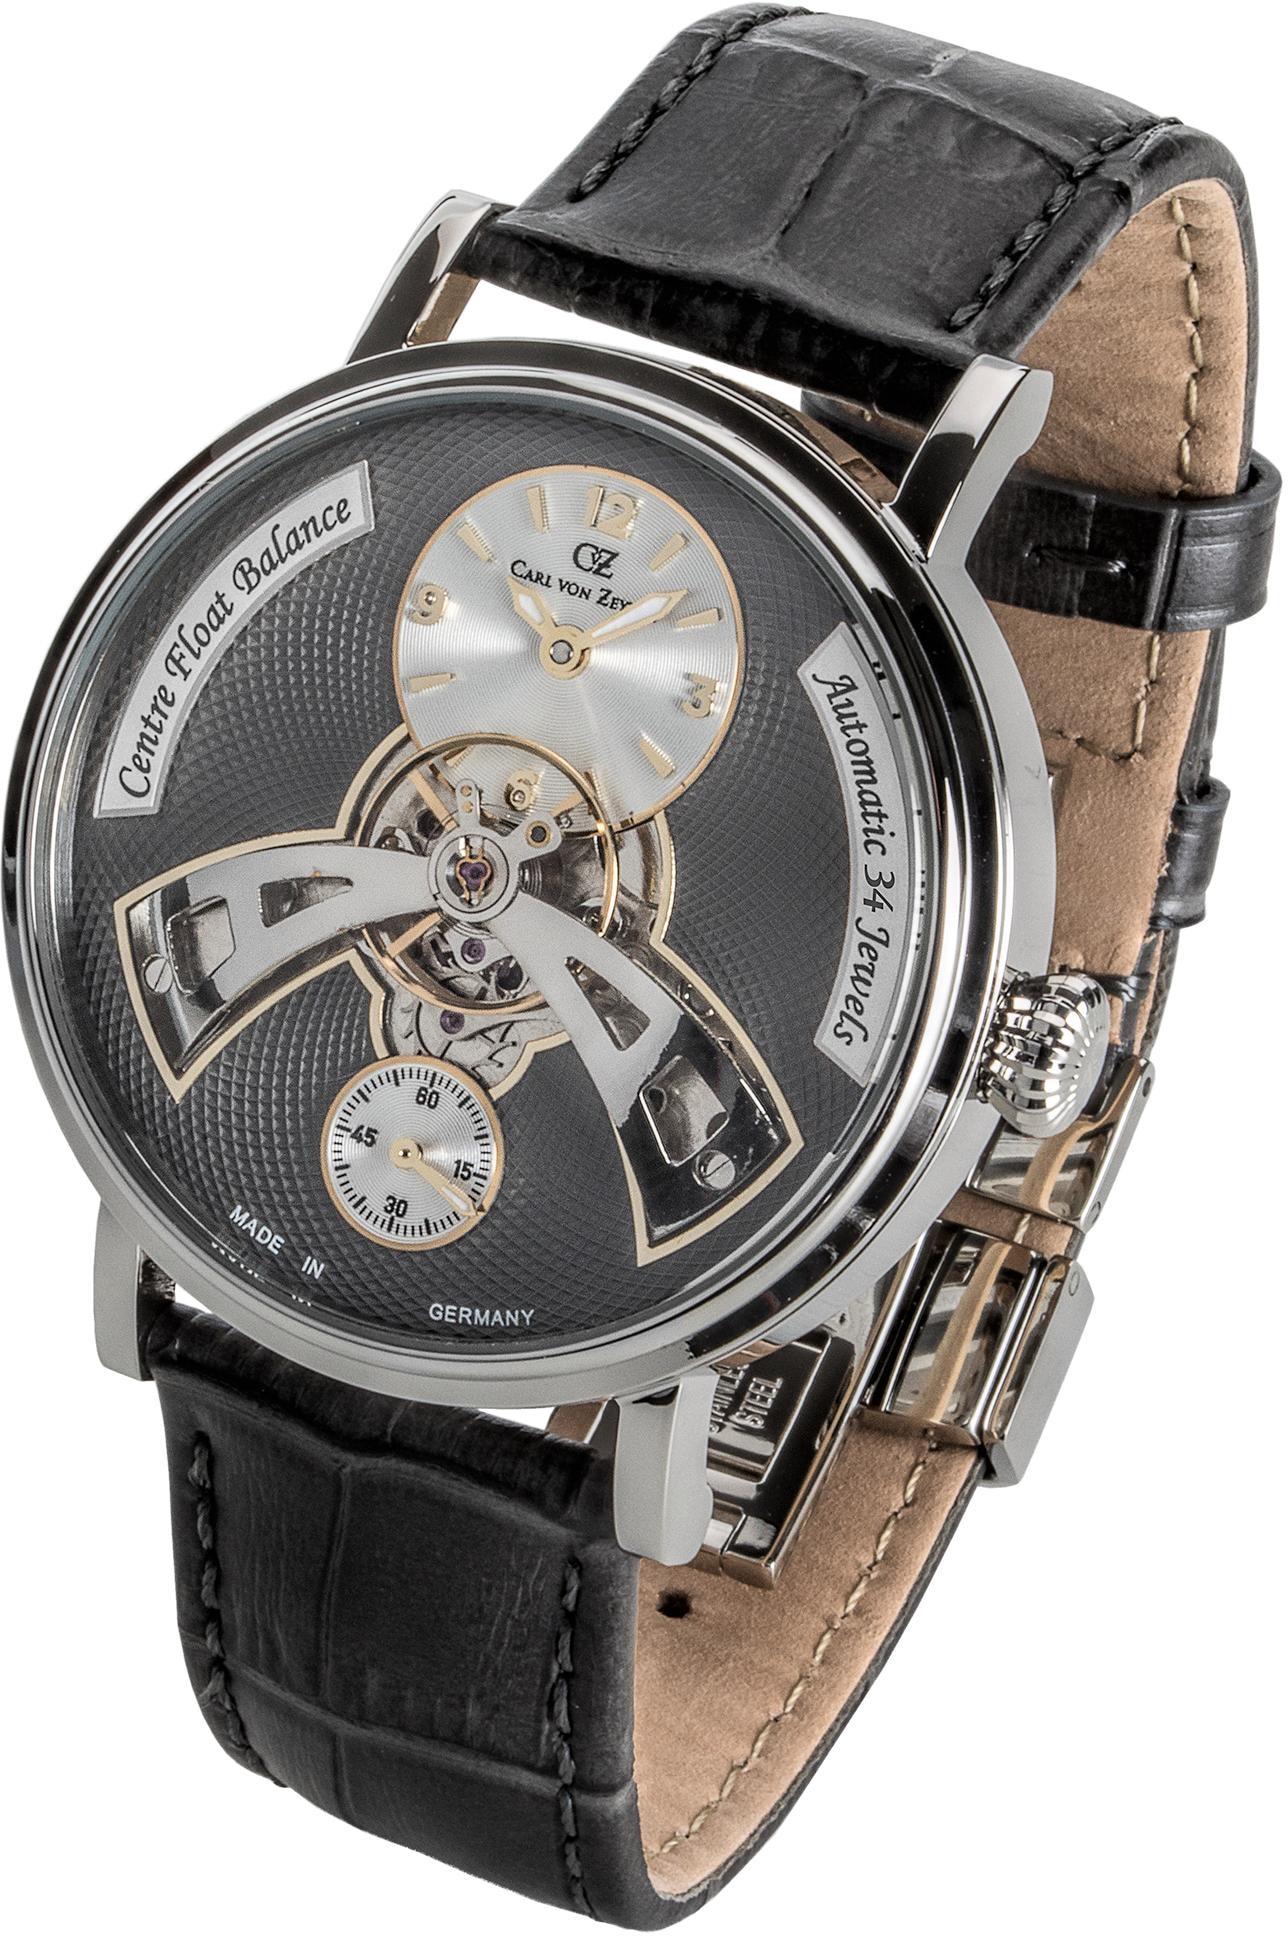 Carl von Zeyten Automatikuhr Baden-Baden CVZ0042GY | Uhren > Automatikuhren | Schwarz | Carl Von Zeyten